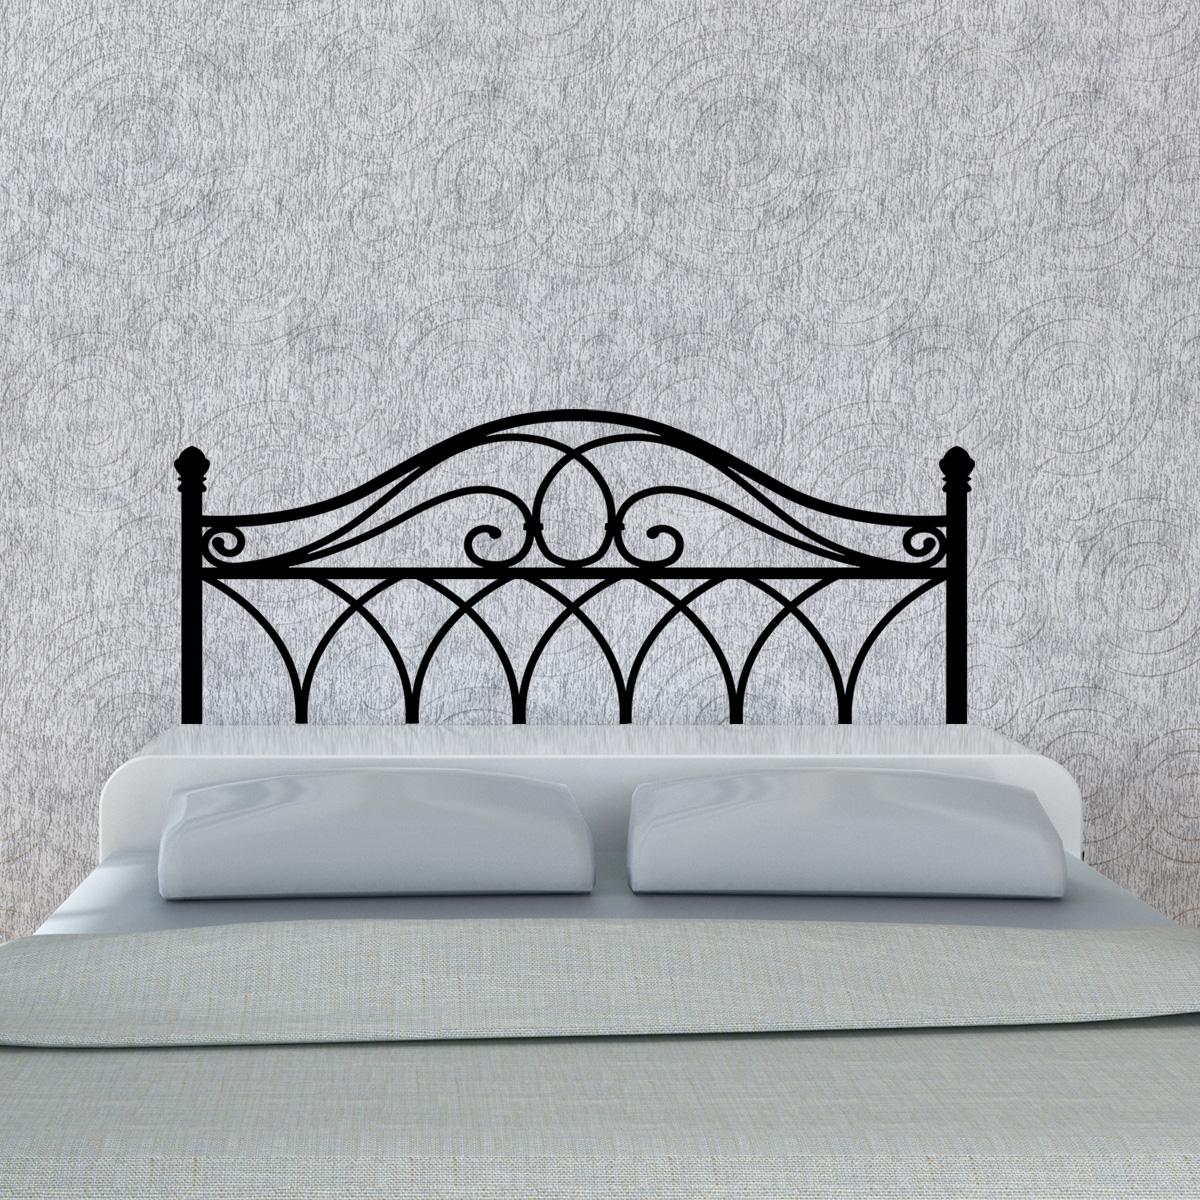 stickers muraux t tes de lit sticker mural classique fer t te ambiance. Black Bedroom Furniture Sets. Home Design Ideas